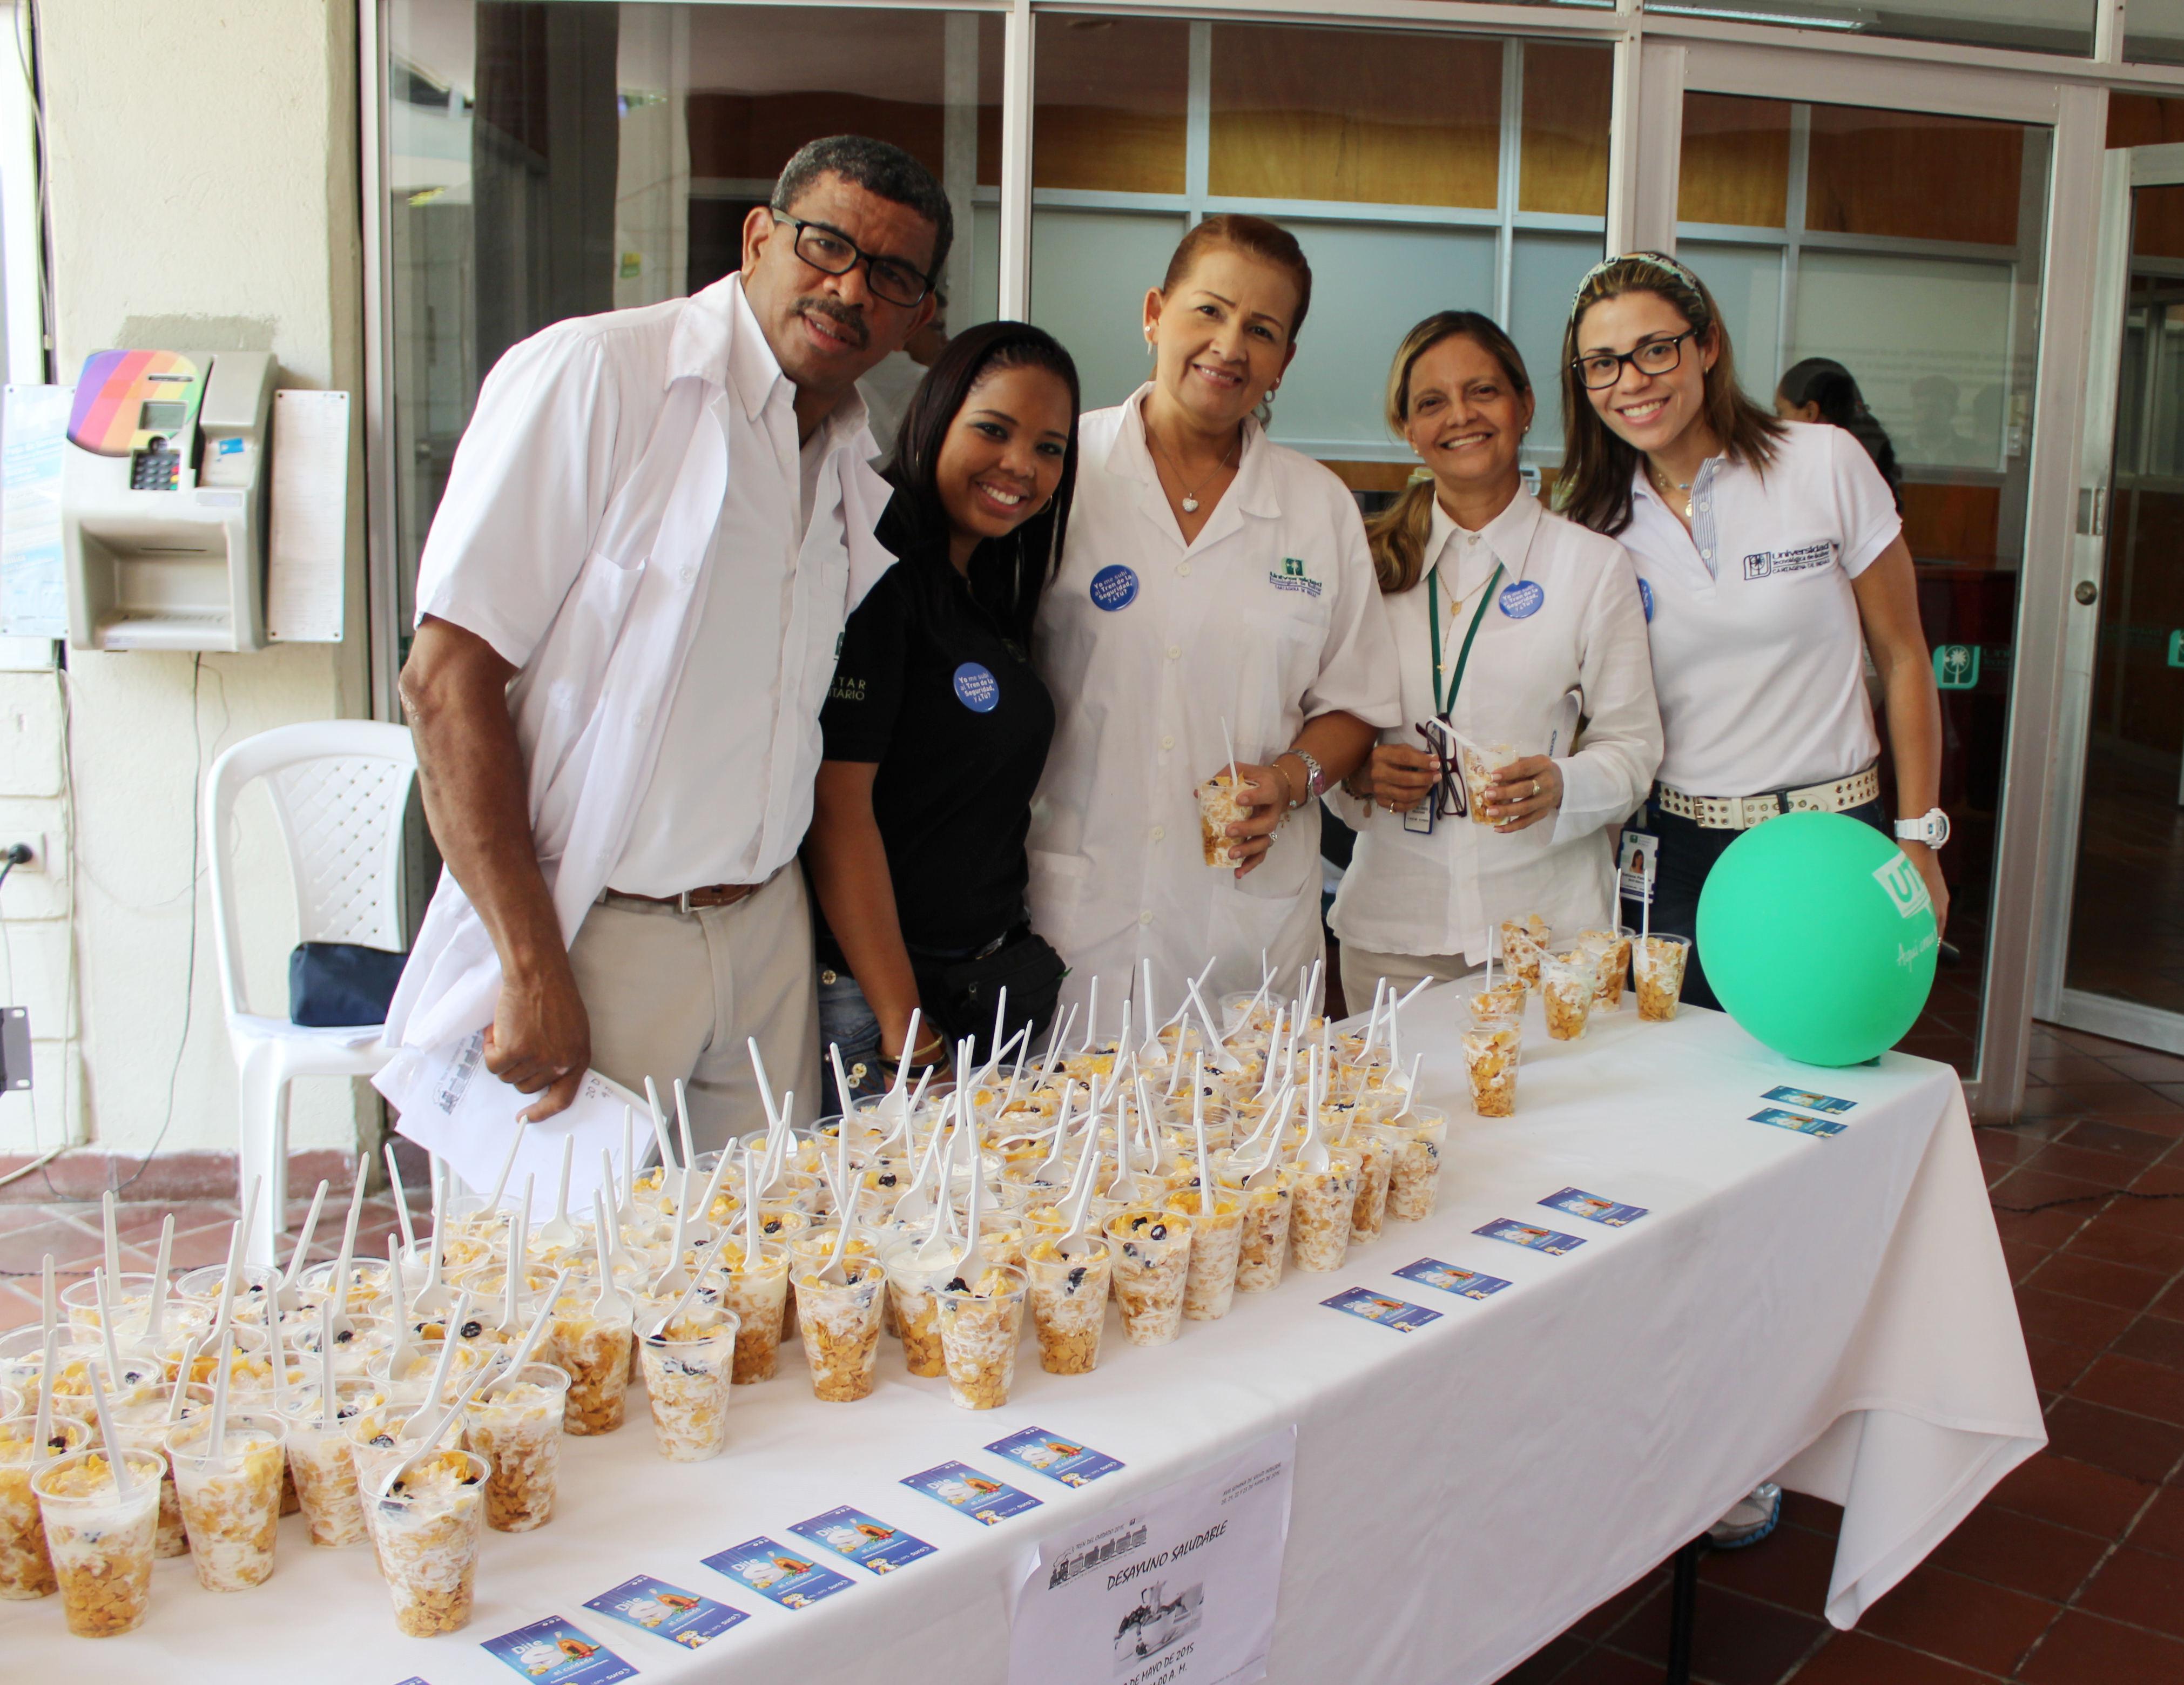 XVIII Semana de Salud Integral en la UTB